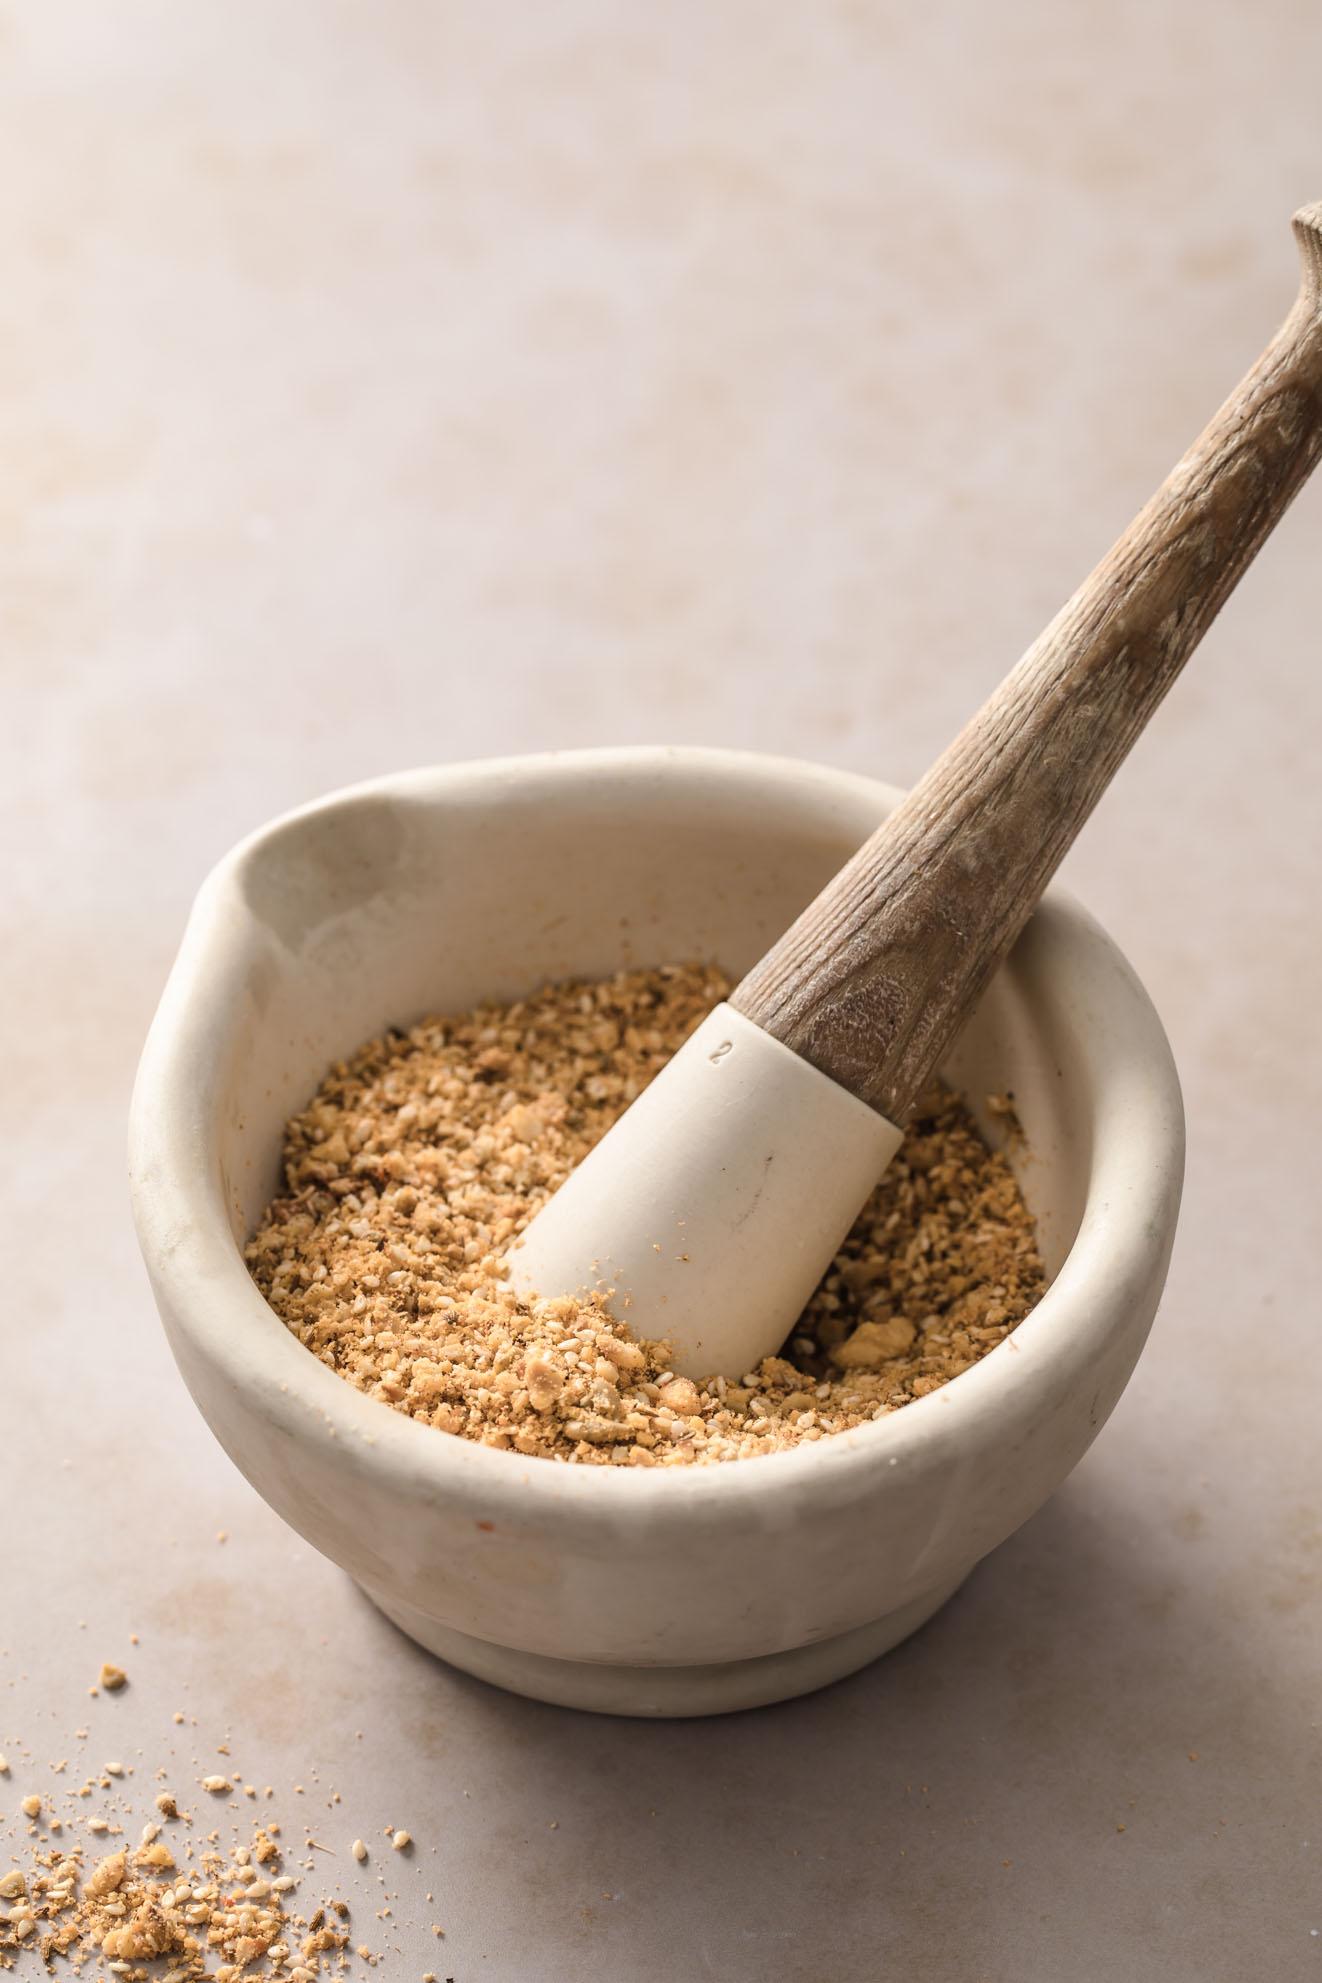 Authentic Homemade Dukkah Recipe